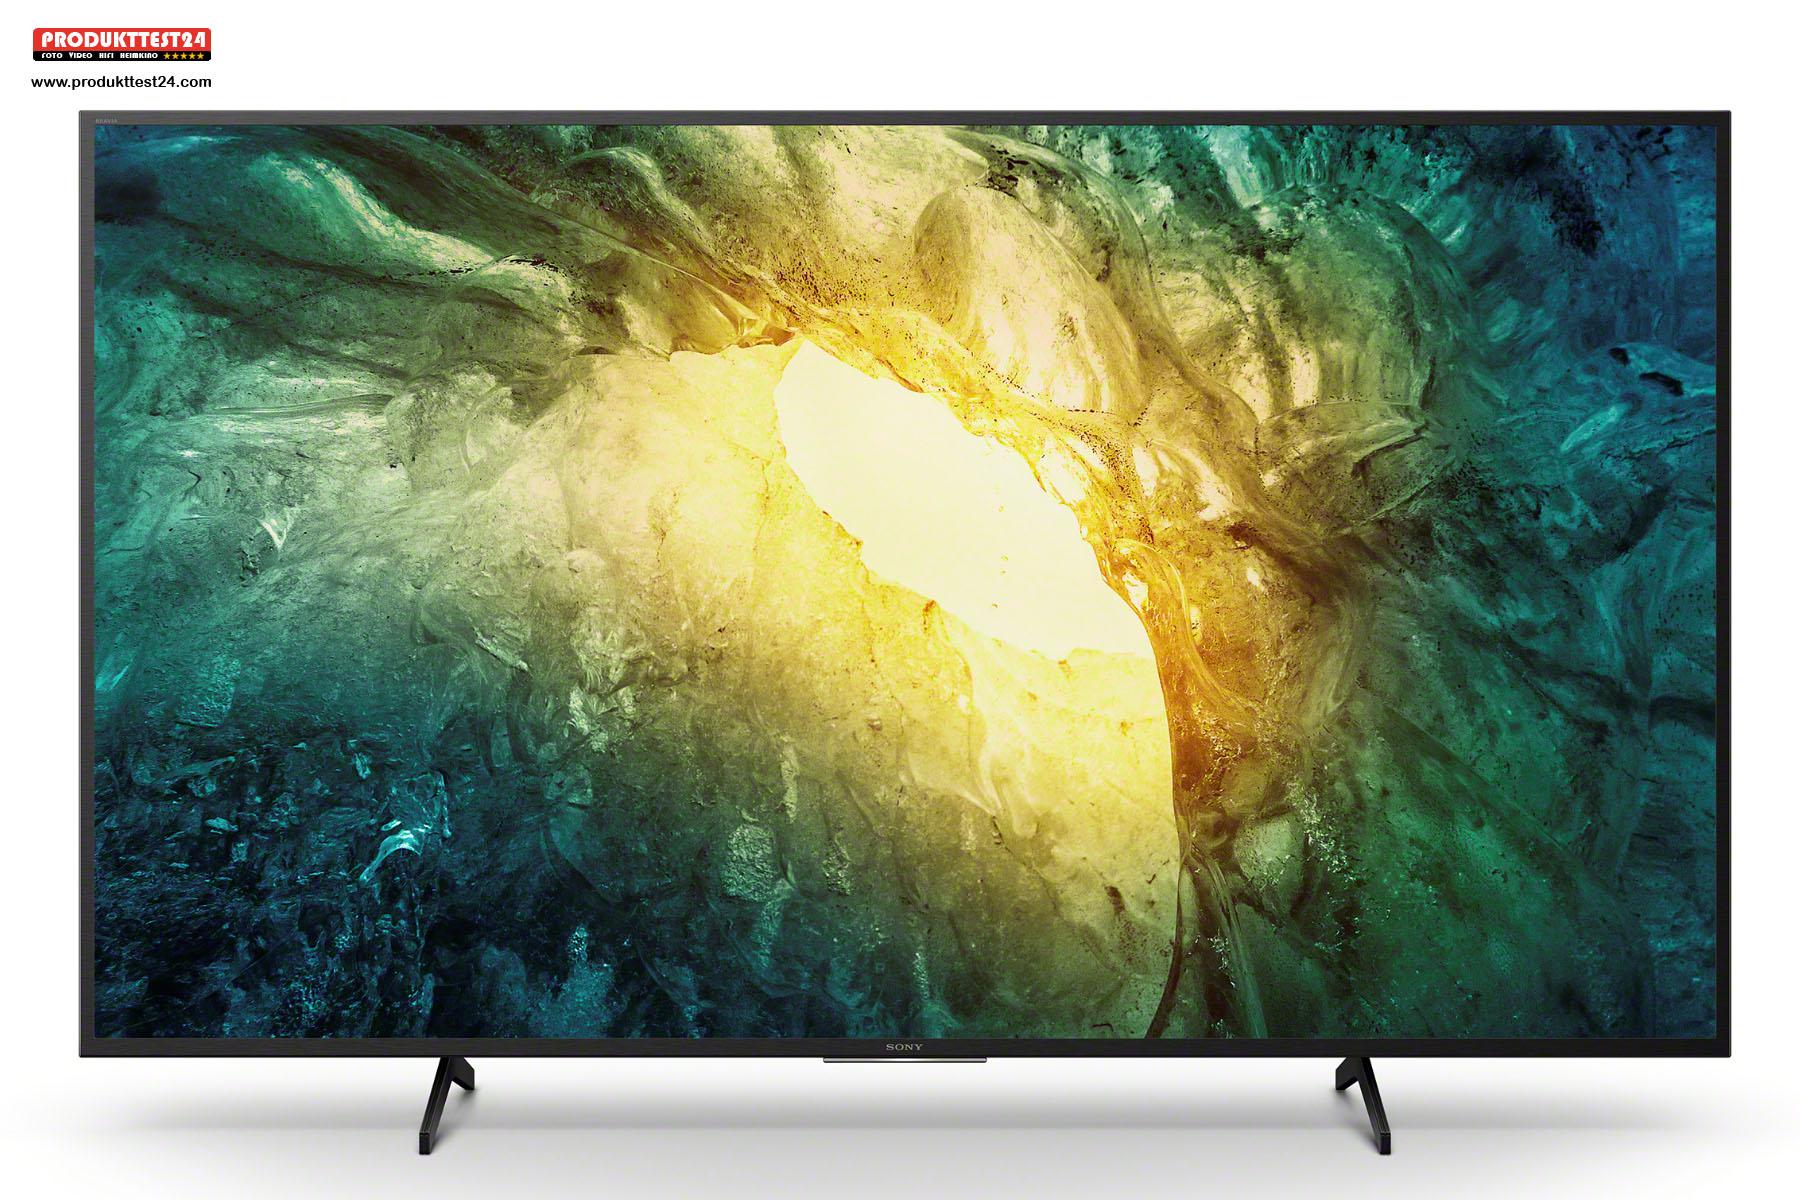 Sony KD-49X7055 mit Triluminos Display, Linux SmartTV und Triple Tuner